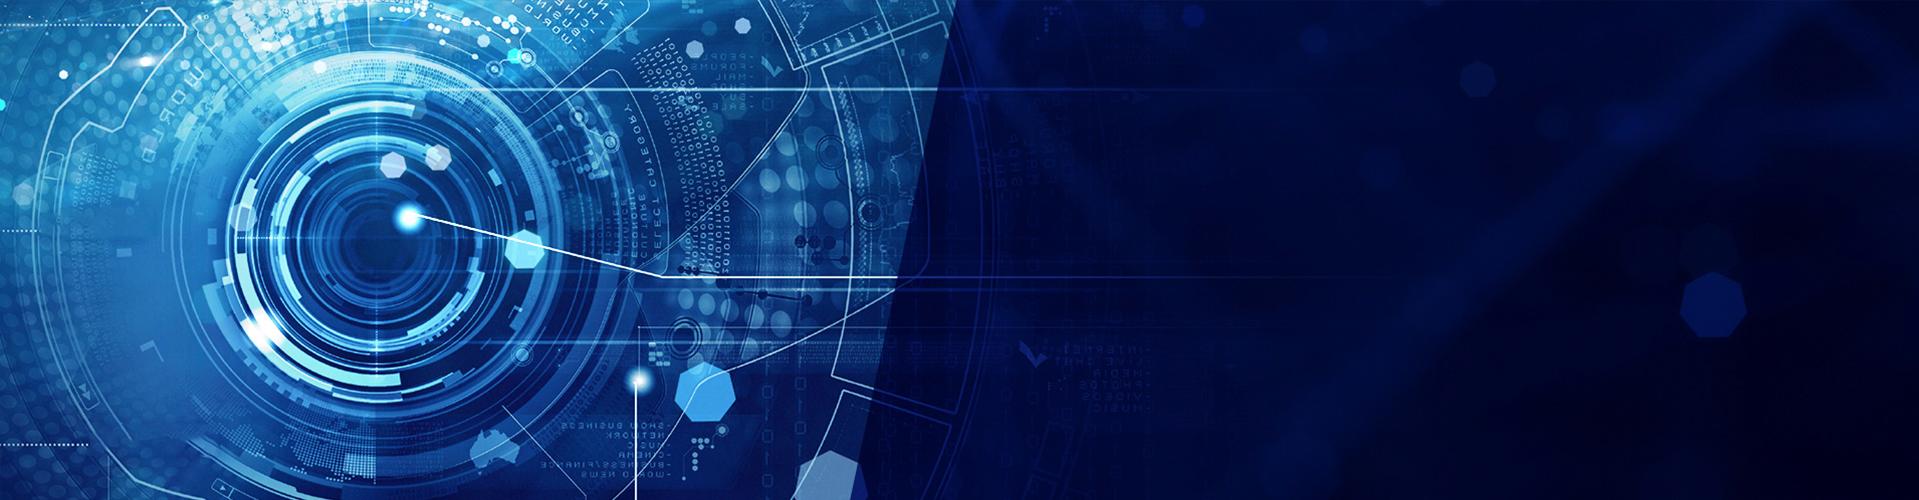 易士仿真可视化管理系统基于传统pdm管理模式,将cae分析所需软硬件